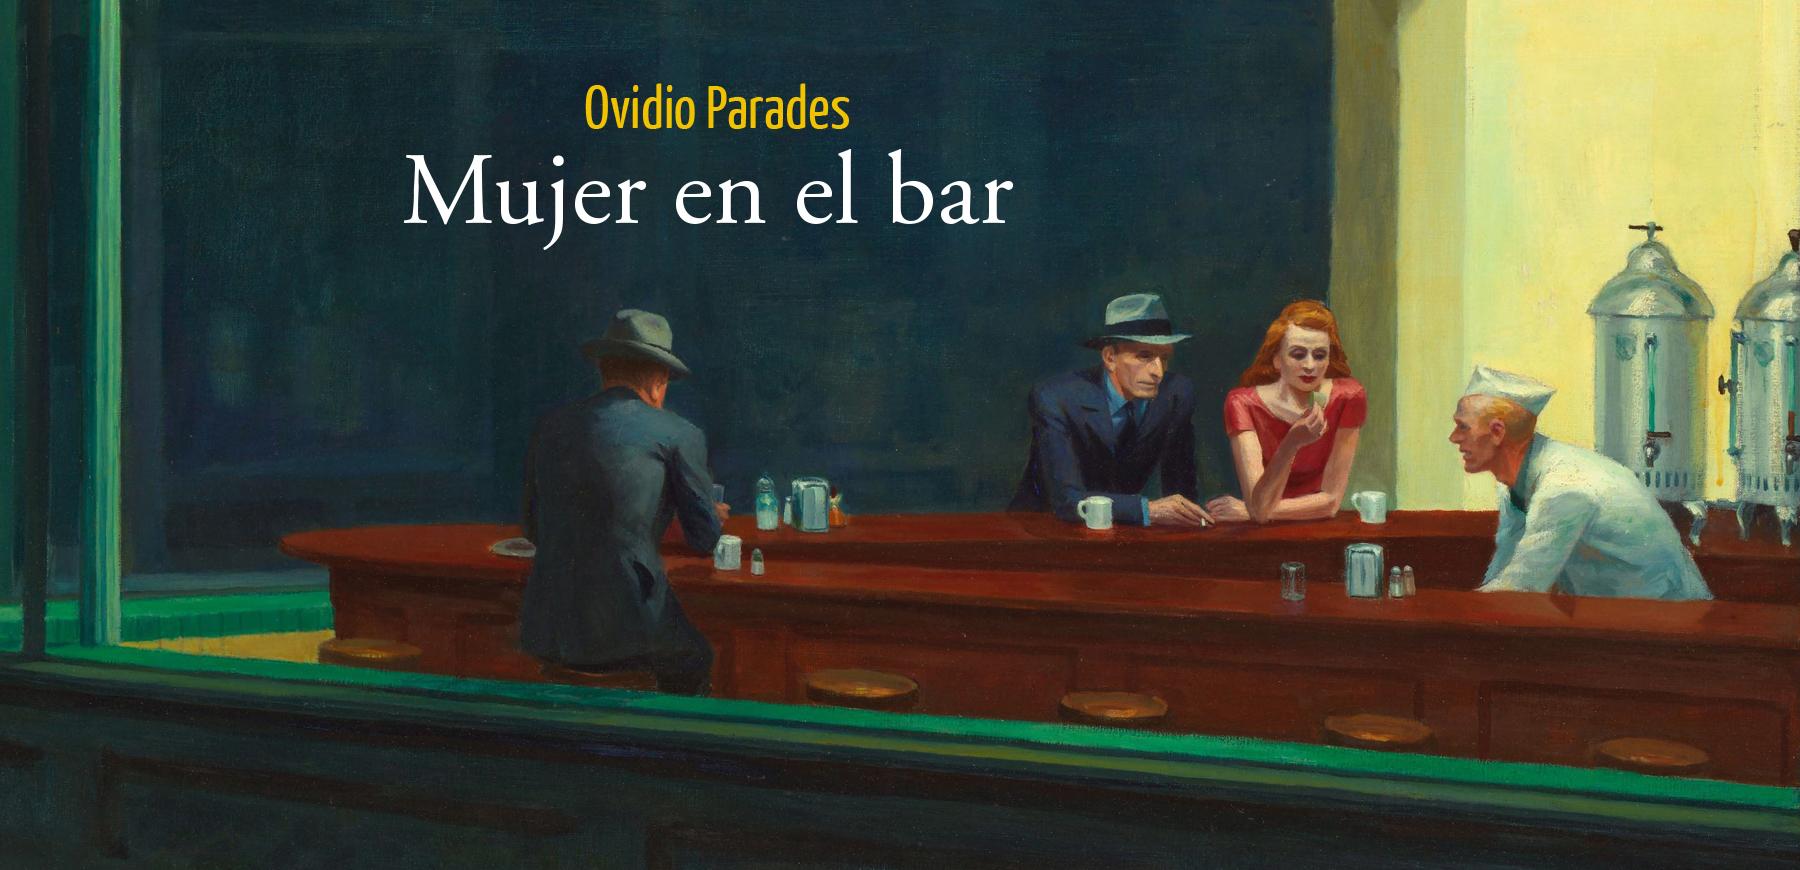 Mujer-en-el-bar-def